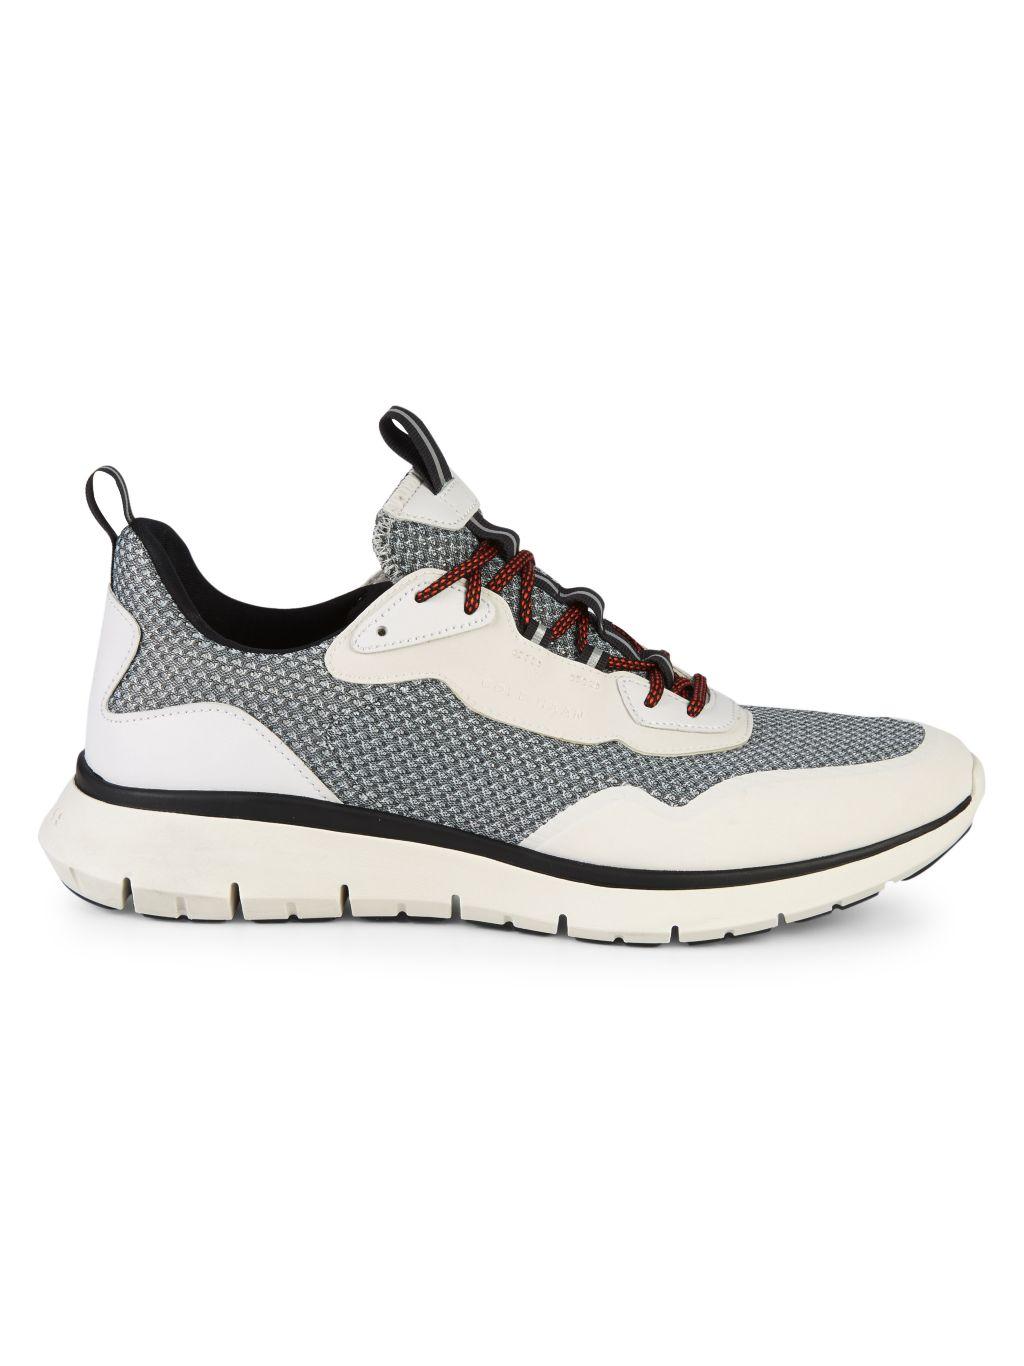 Cole Haan Zerogrand Trainer Sneakers